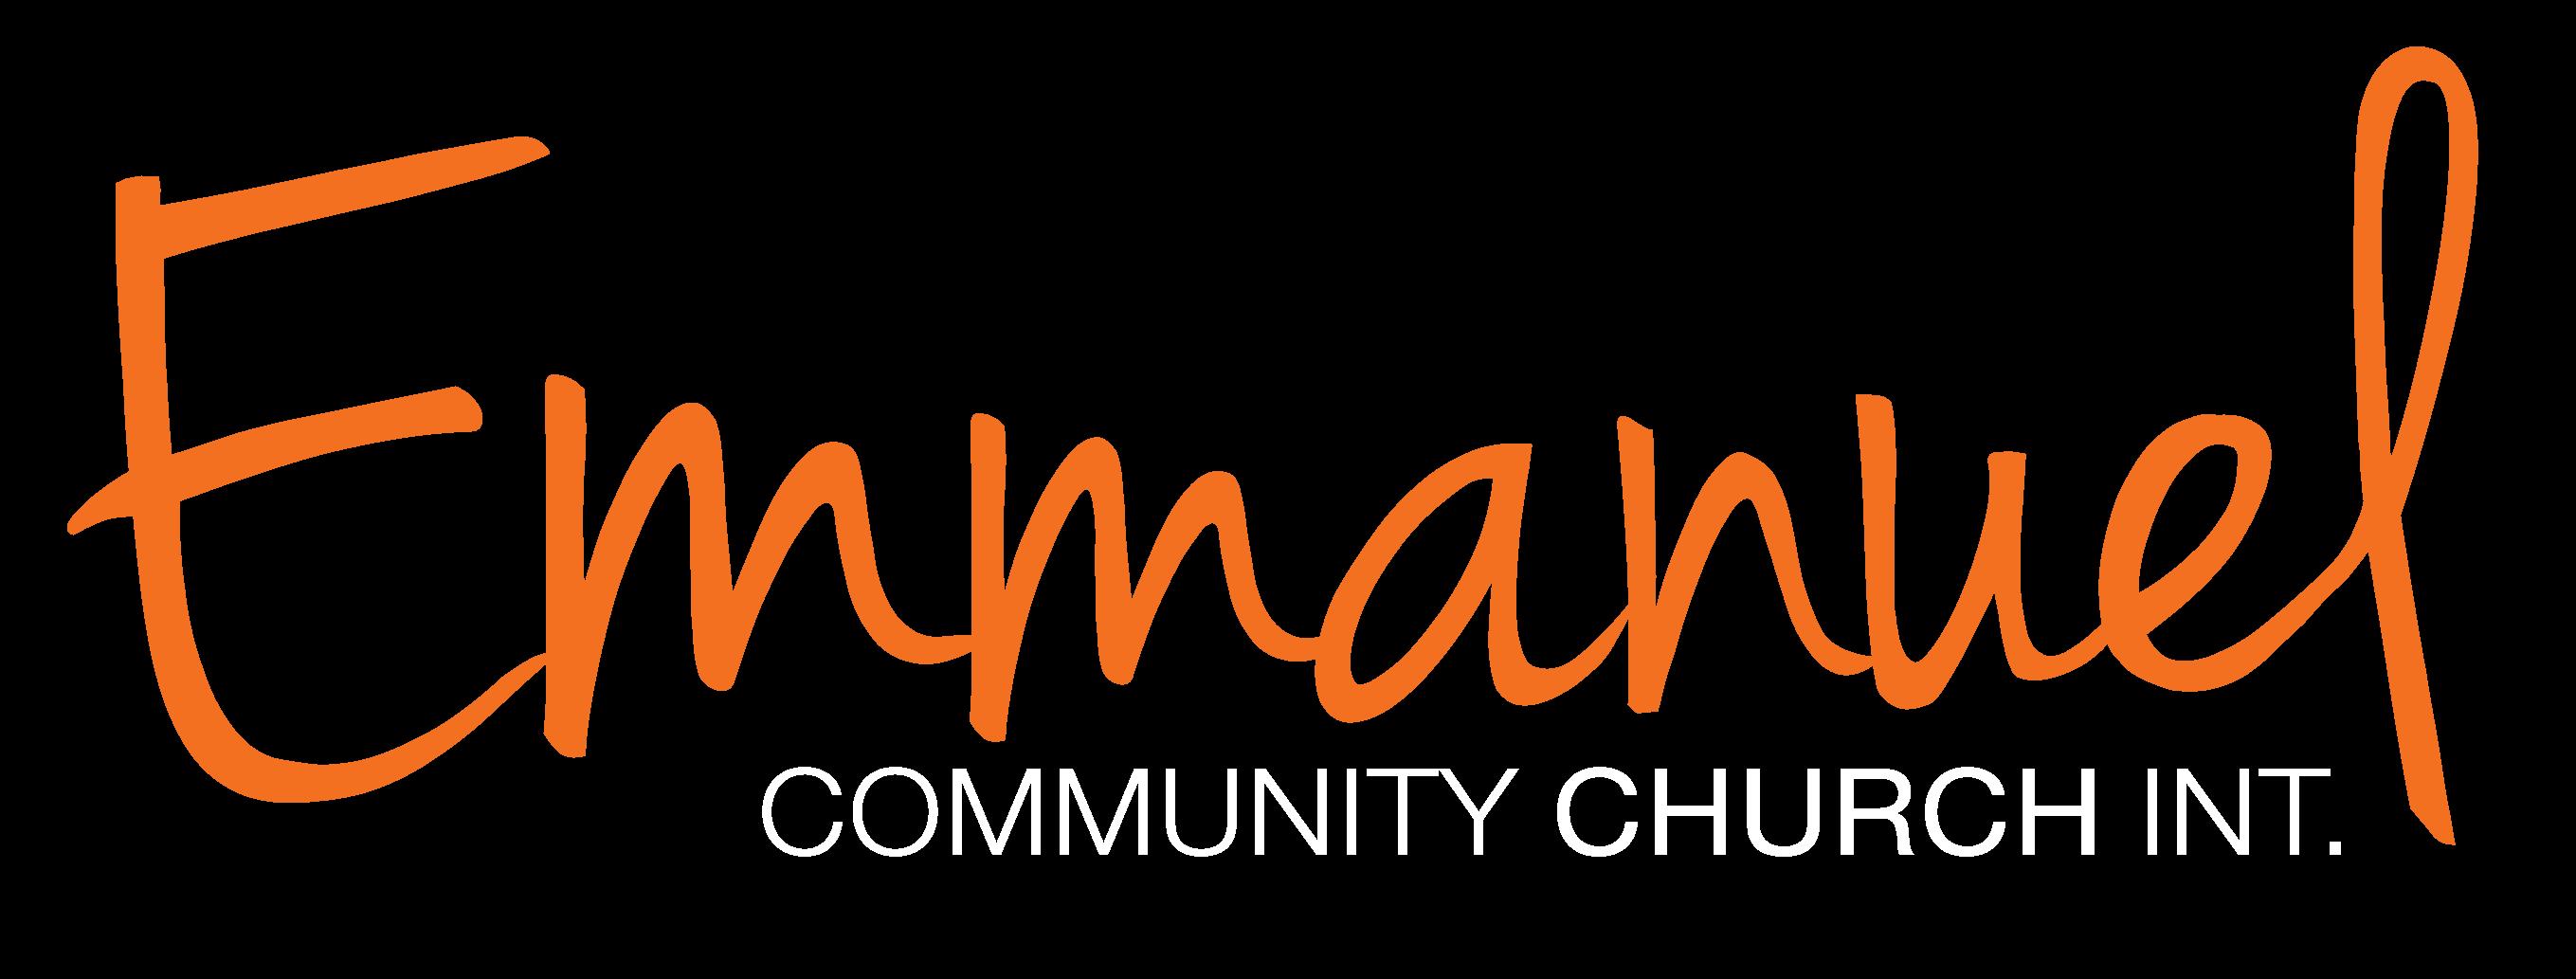 Emmanuel Community Church International